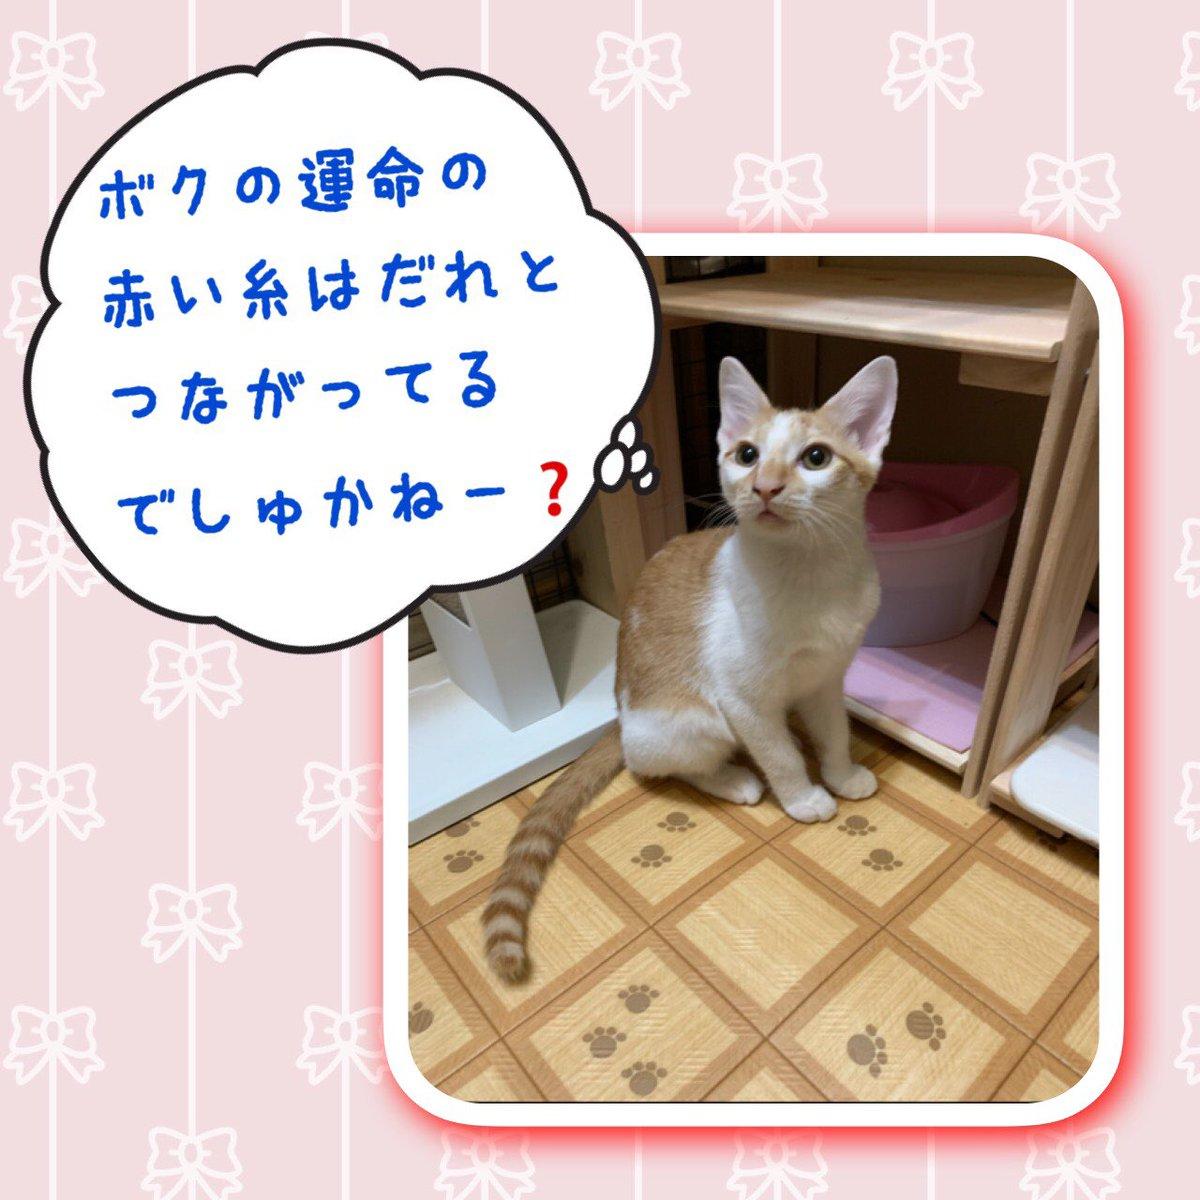 バンくん #里親様募集中  です‼️  会ってもらえたら連れて帰りたくなる可愛いさ💕 とっても甘えん坊ですよ❣️  #保護猫カフェ #保護猫を家族に #ずっとのおうち #猫 #ねこ #ねこ部 #にゃんすたぐらむ #にゃんこ #保護猫 #子猫 #保護猫と暮らす #猫好きさんと繋がりたい #保護猫を家族に迎えよう https://t.co/lZqnkDz55y